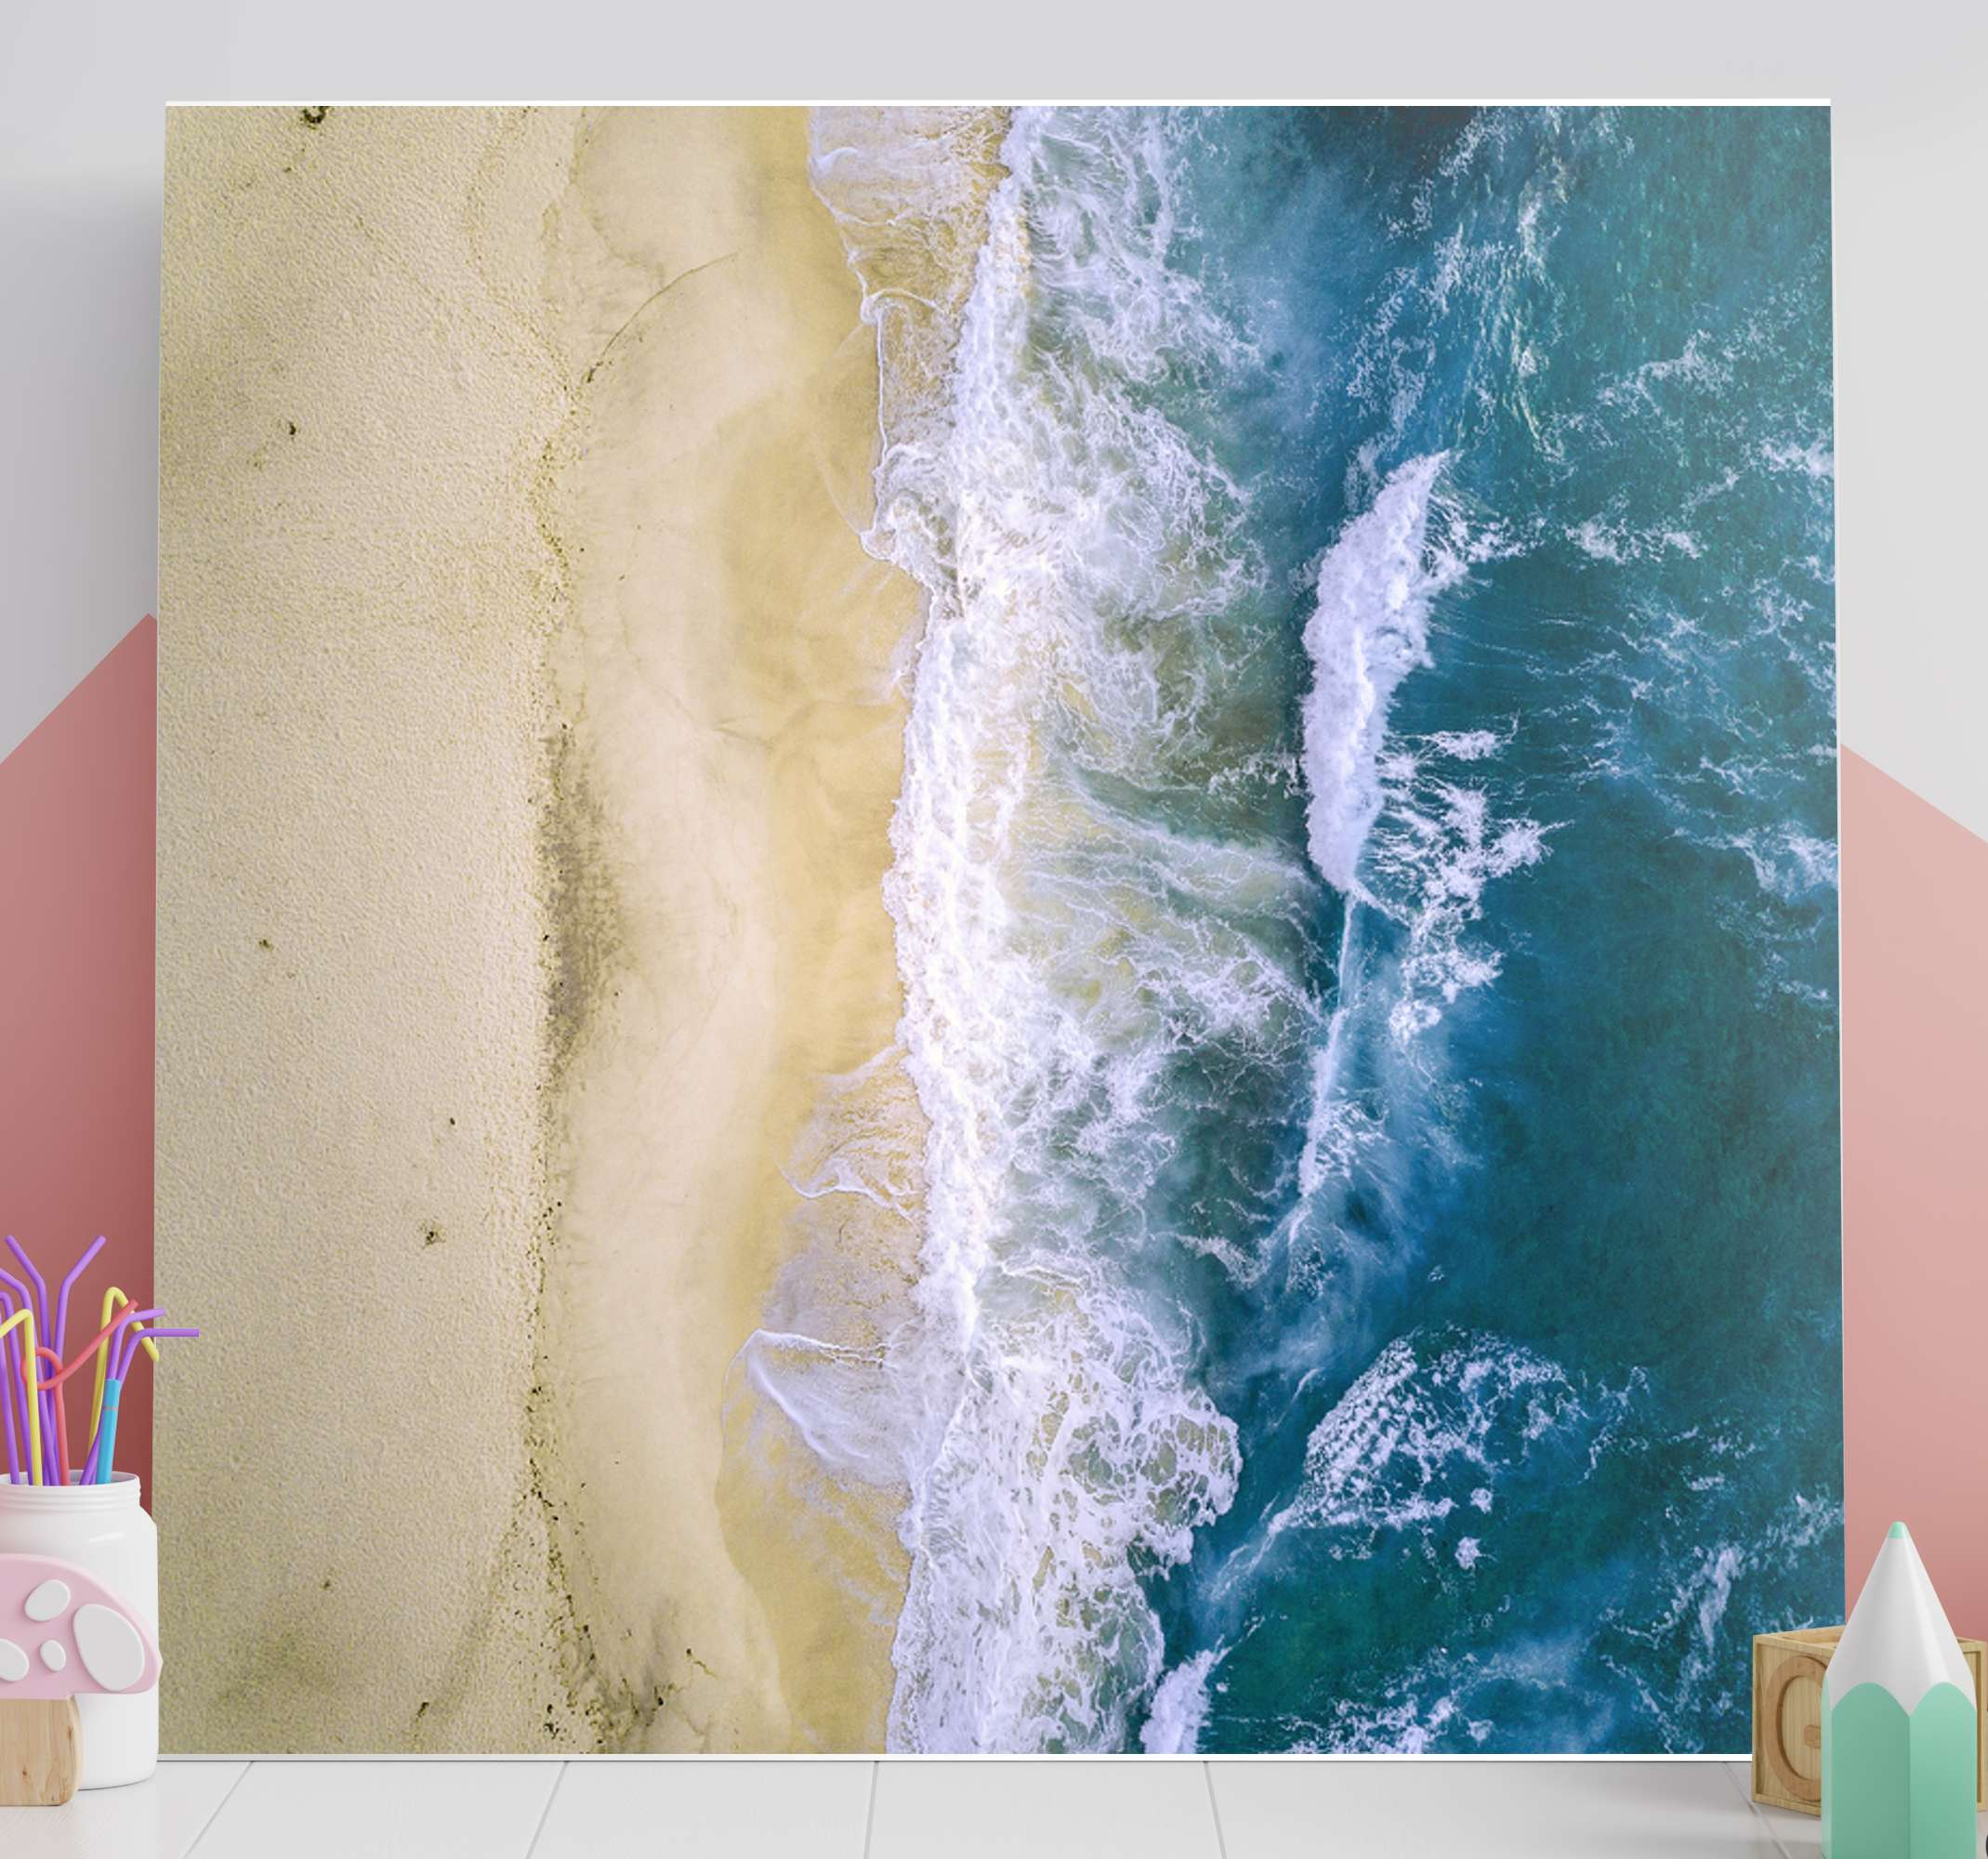 Tenstickers. Havssand blå landskap vägg konst. Alla dina gäster kommer att bli förvånade och du kommer att kunna stolt visa upp din nya dekoration som alla kommer att avundas dig.